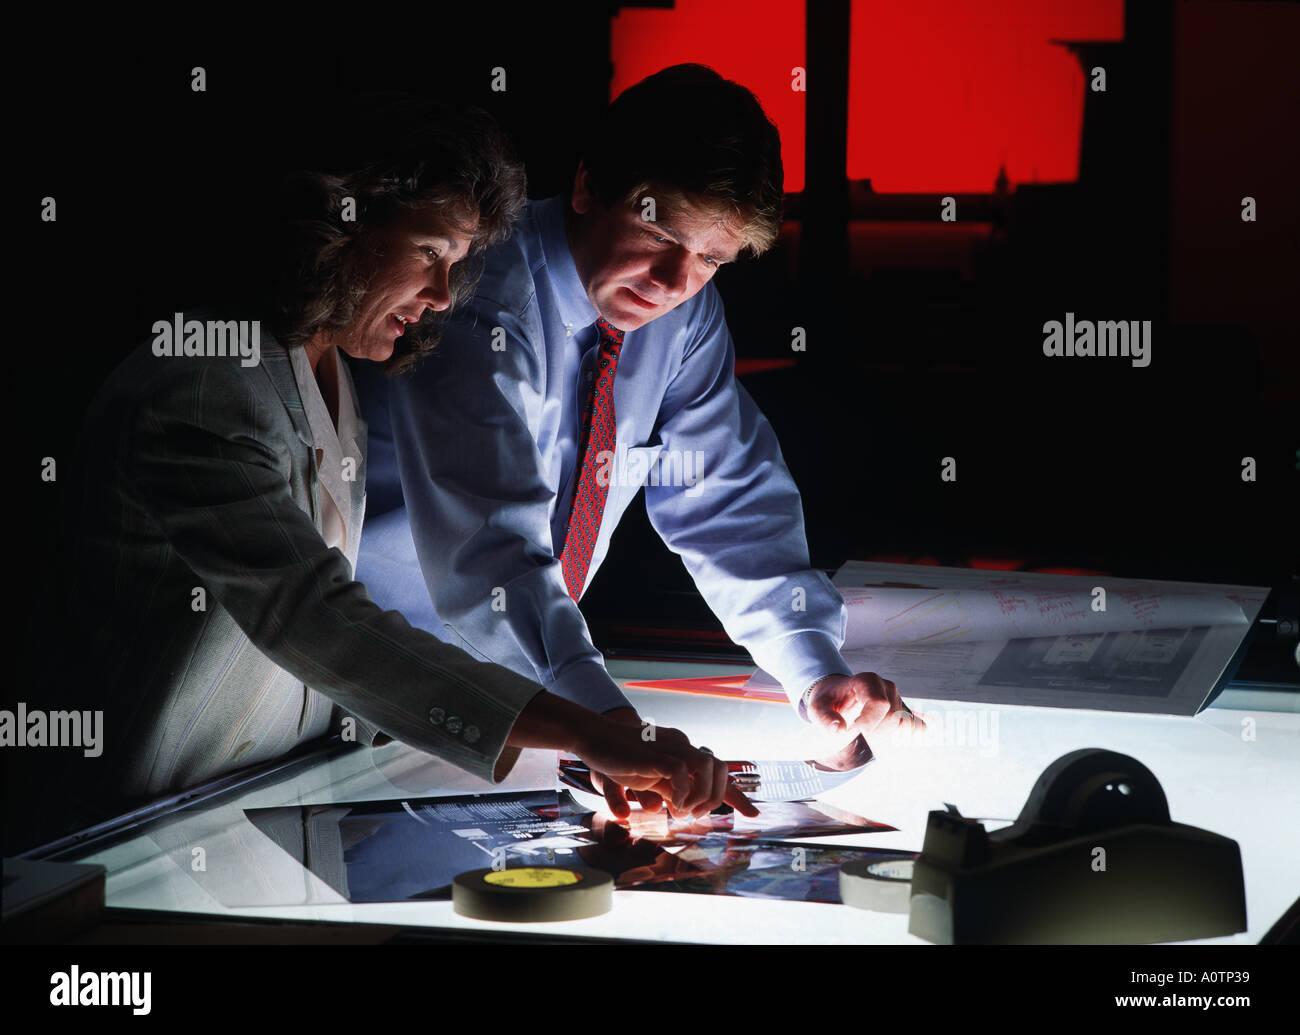 Drucken Verkäufer und Werbung Executive untersuchen Sie die Transparentfolien auf eine Druckvorstufe Lightbox Stockbild